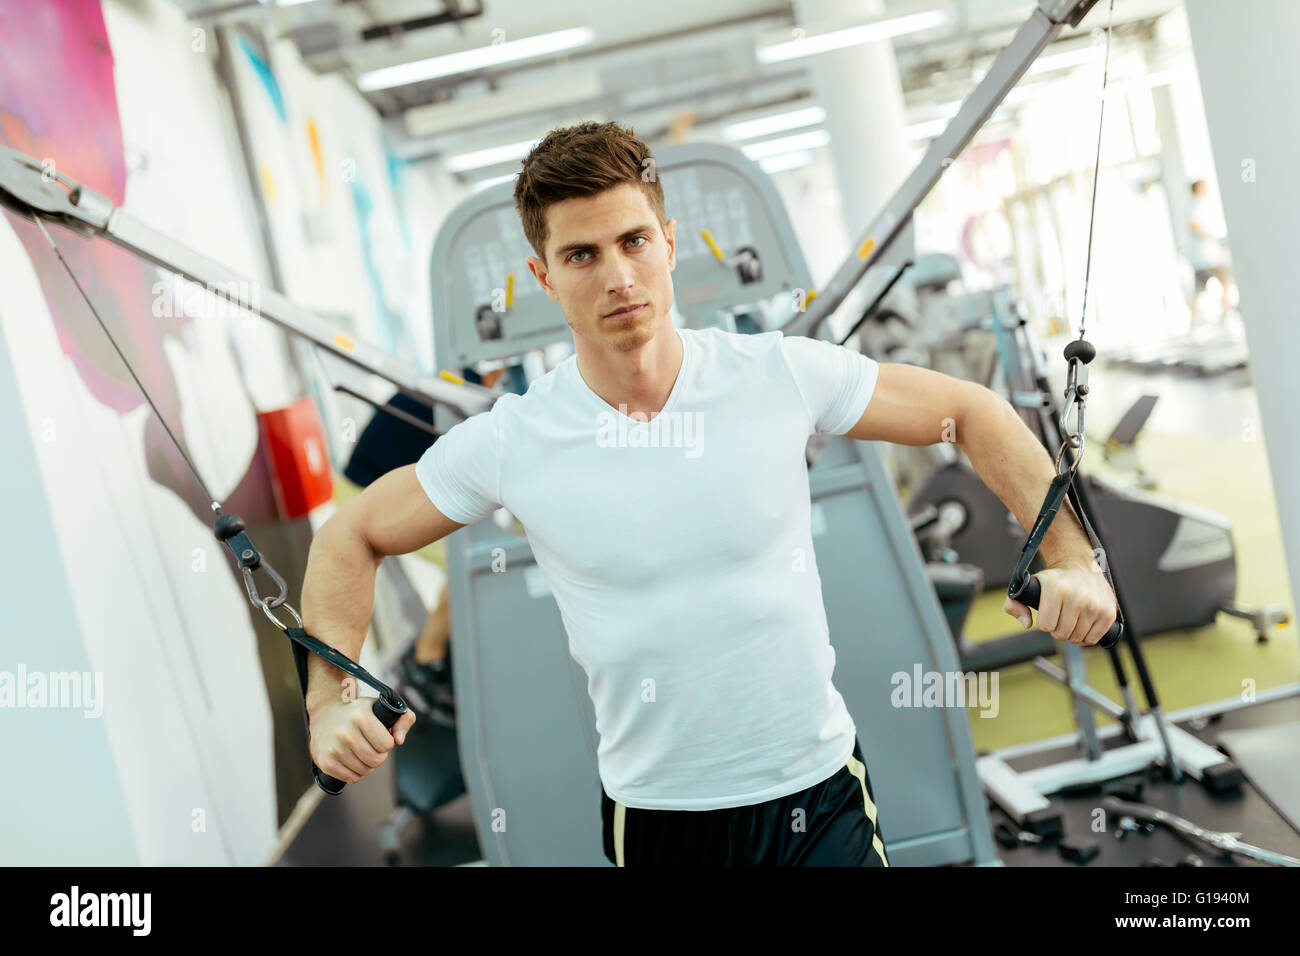 Bel homme propre à la formation de sport moderne sur diverses machines Photo Stock